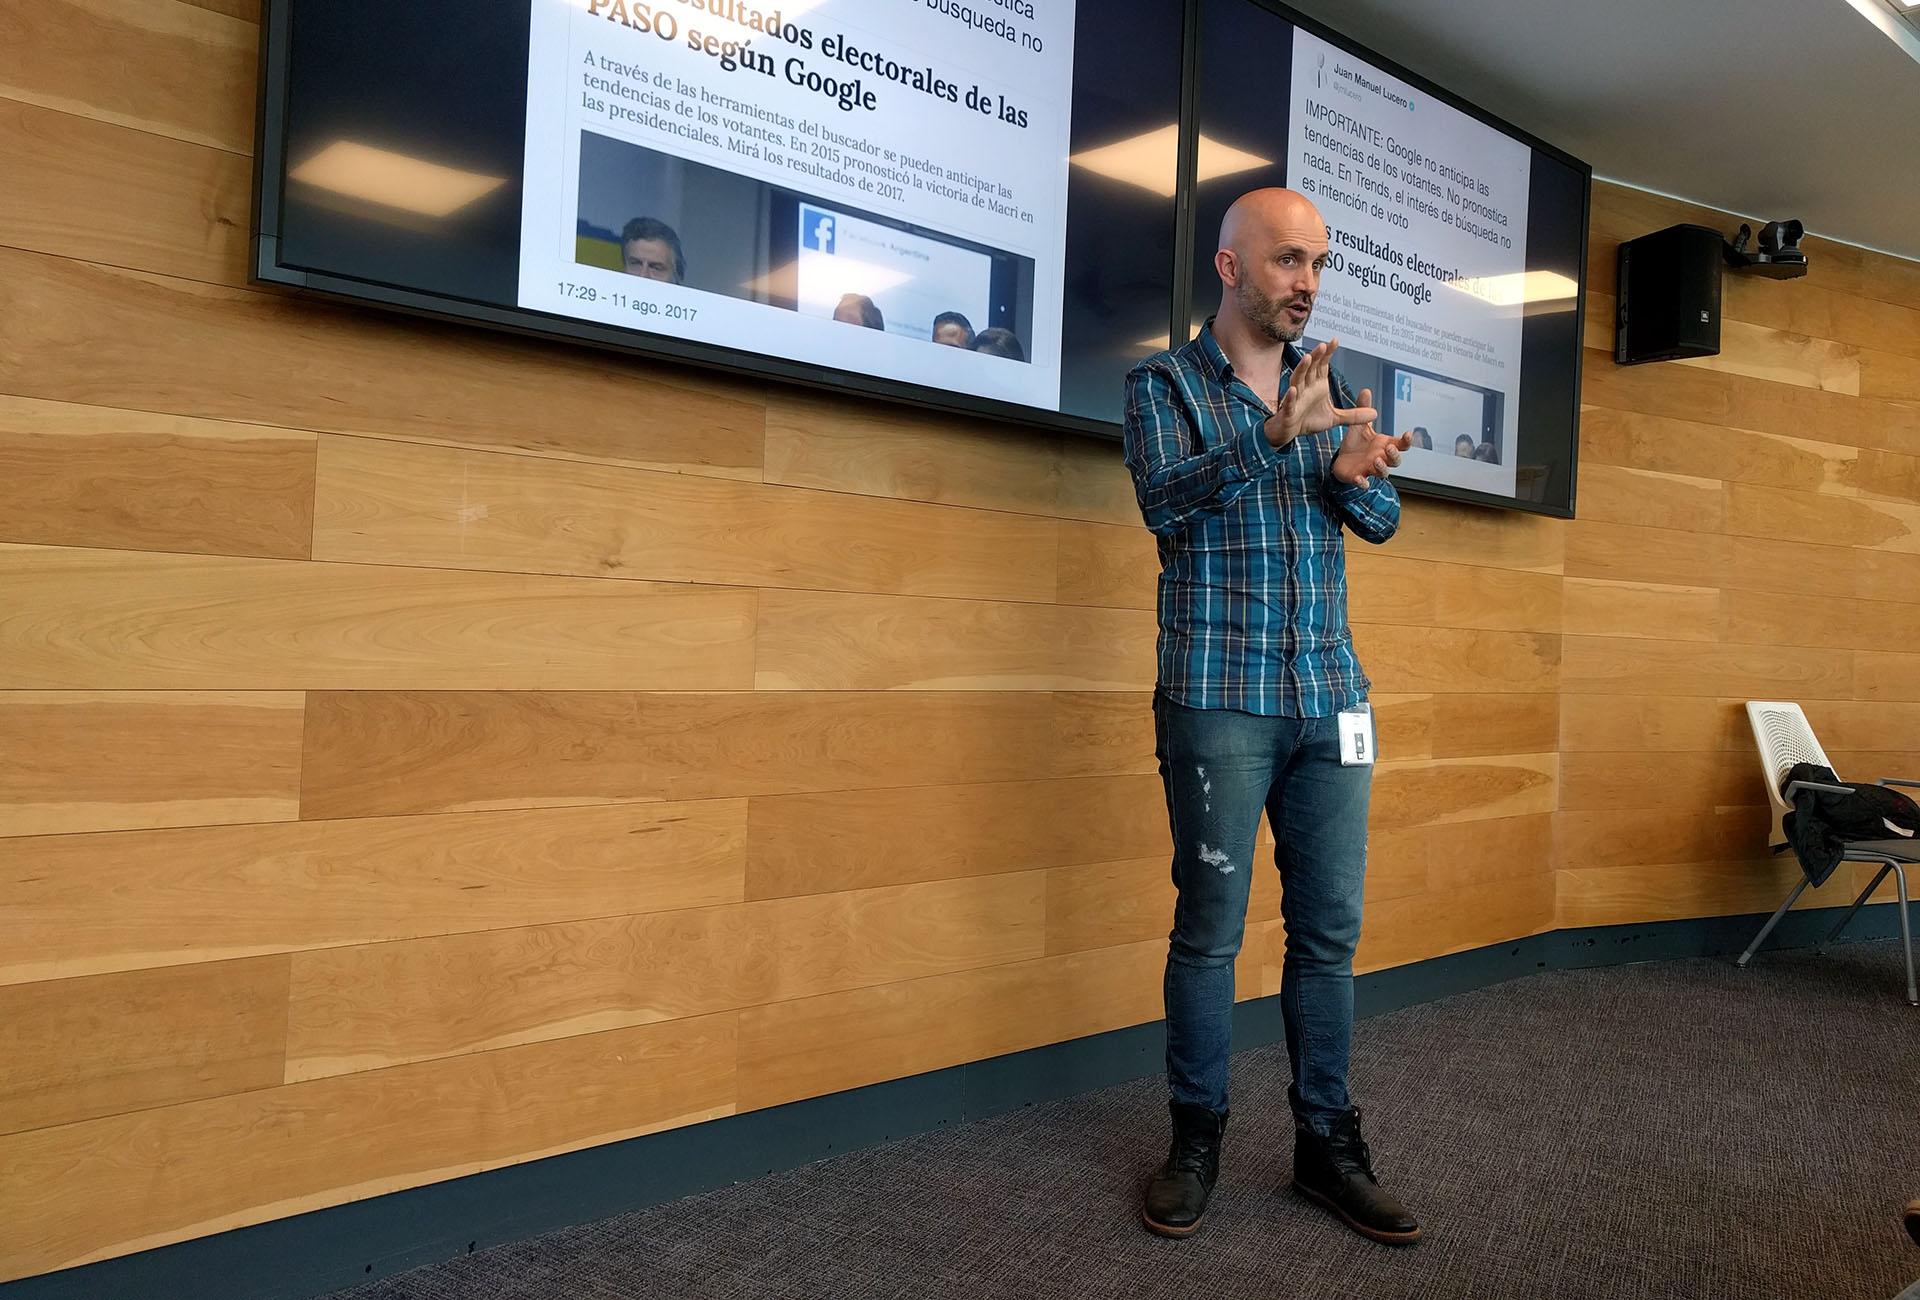 Juan Manuel Lucero durante una de sus charlas en las oficinas de Google en Chile, en agosto de 2017. foto: Patricio Contreras.